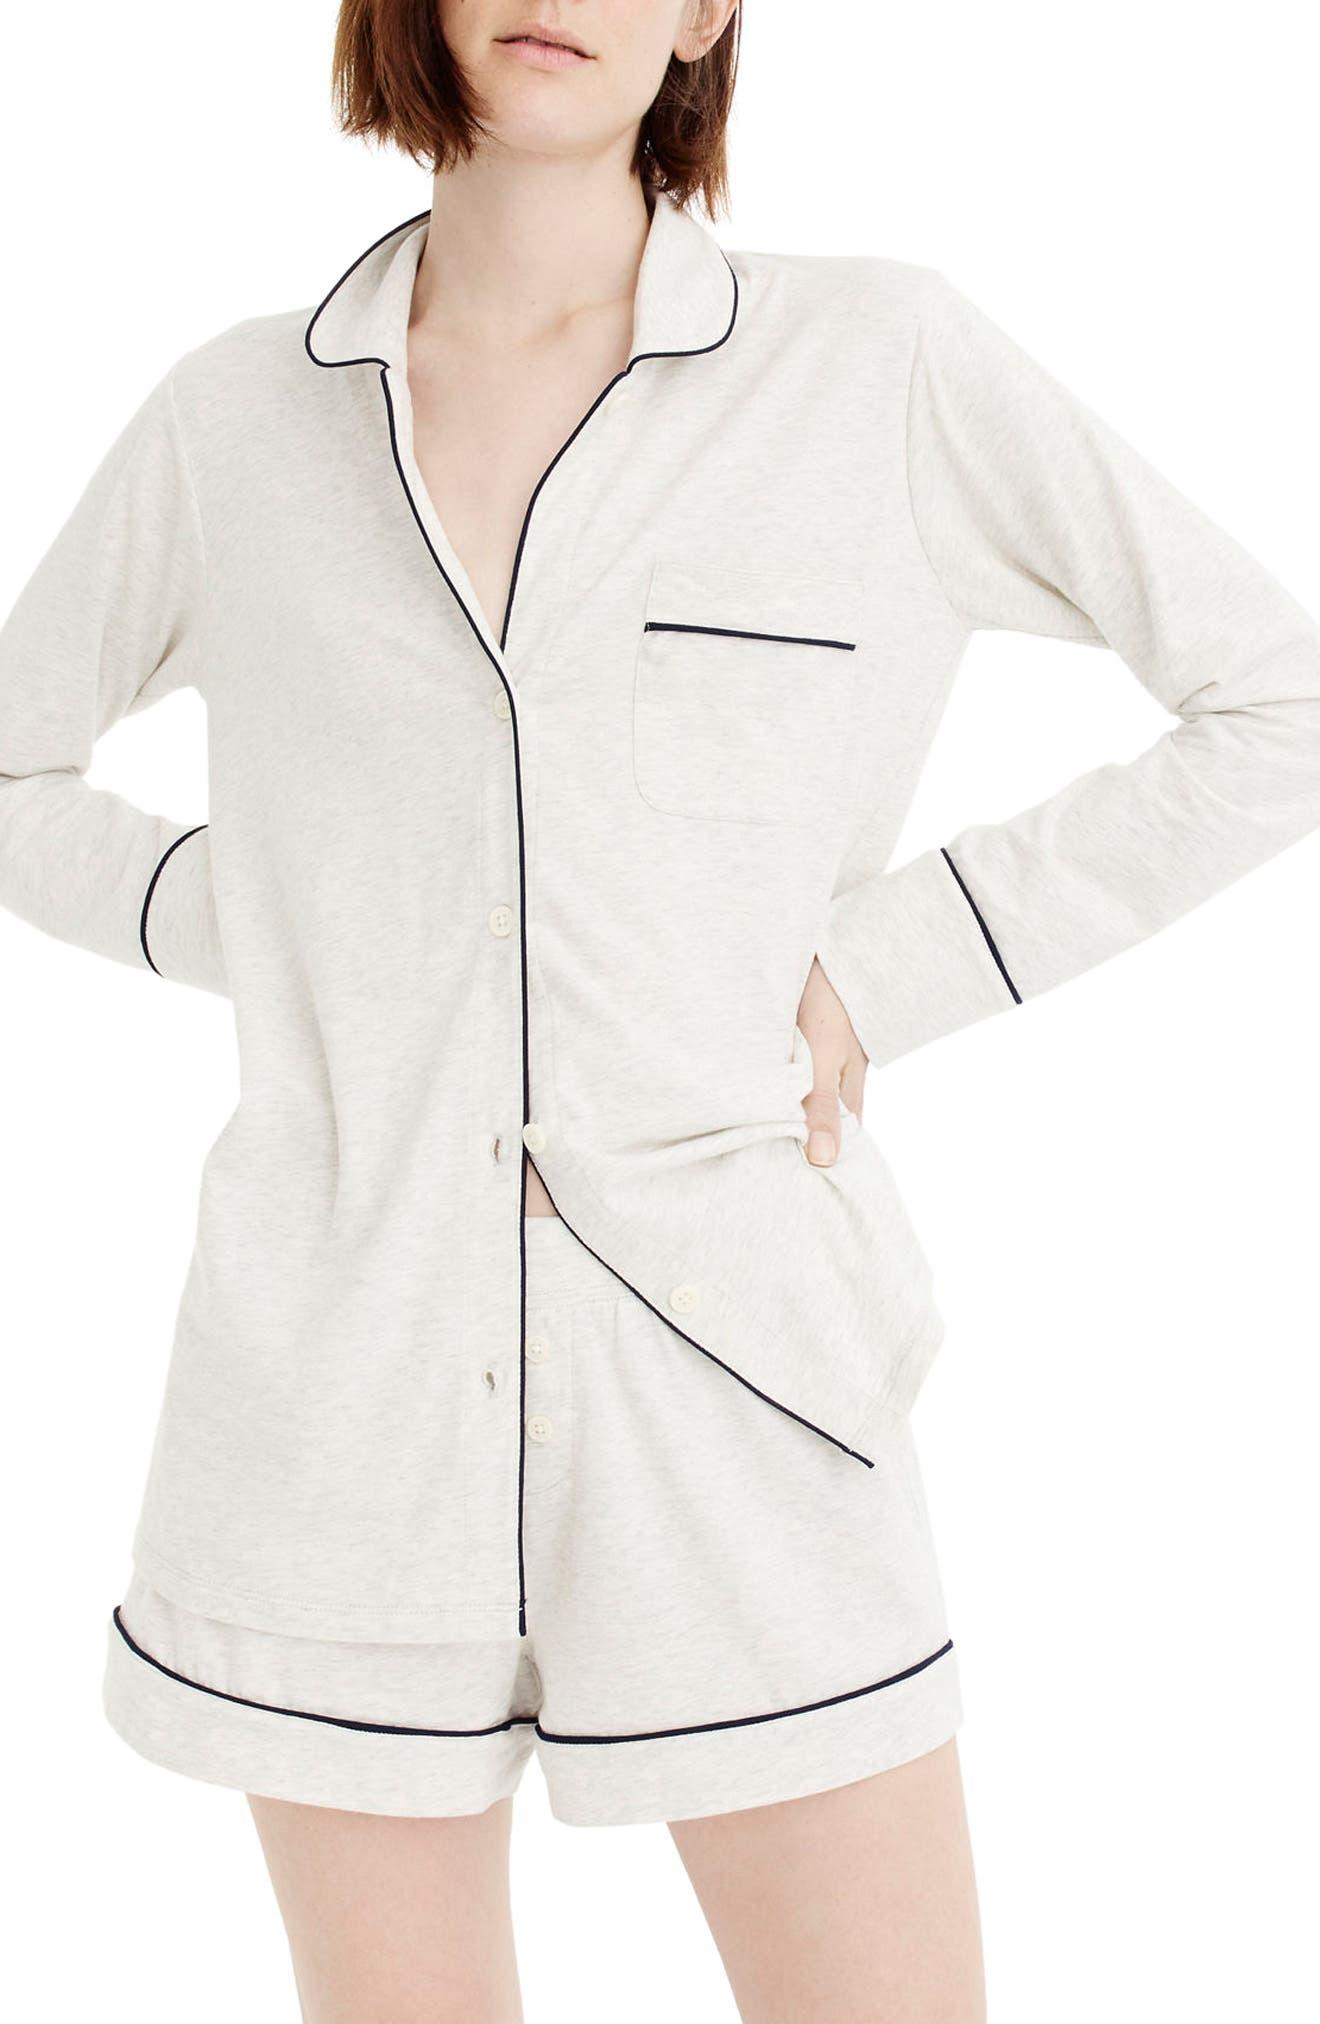 Main Image - J.Crew Dreamy Short Cotton Pajamas